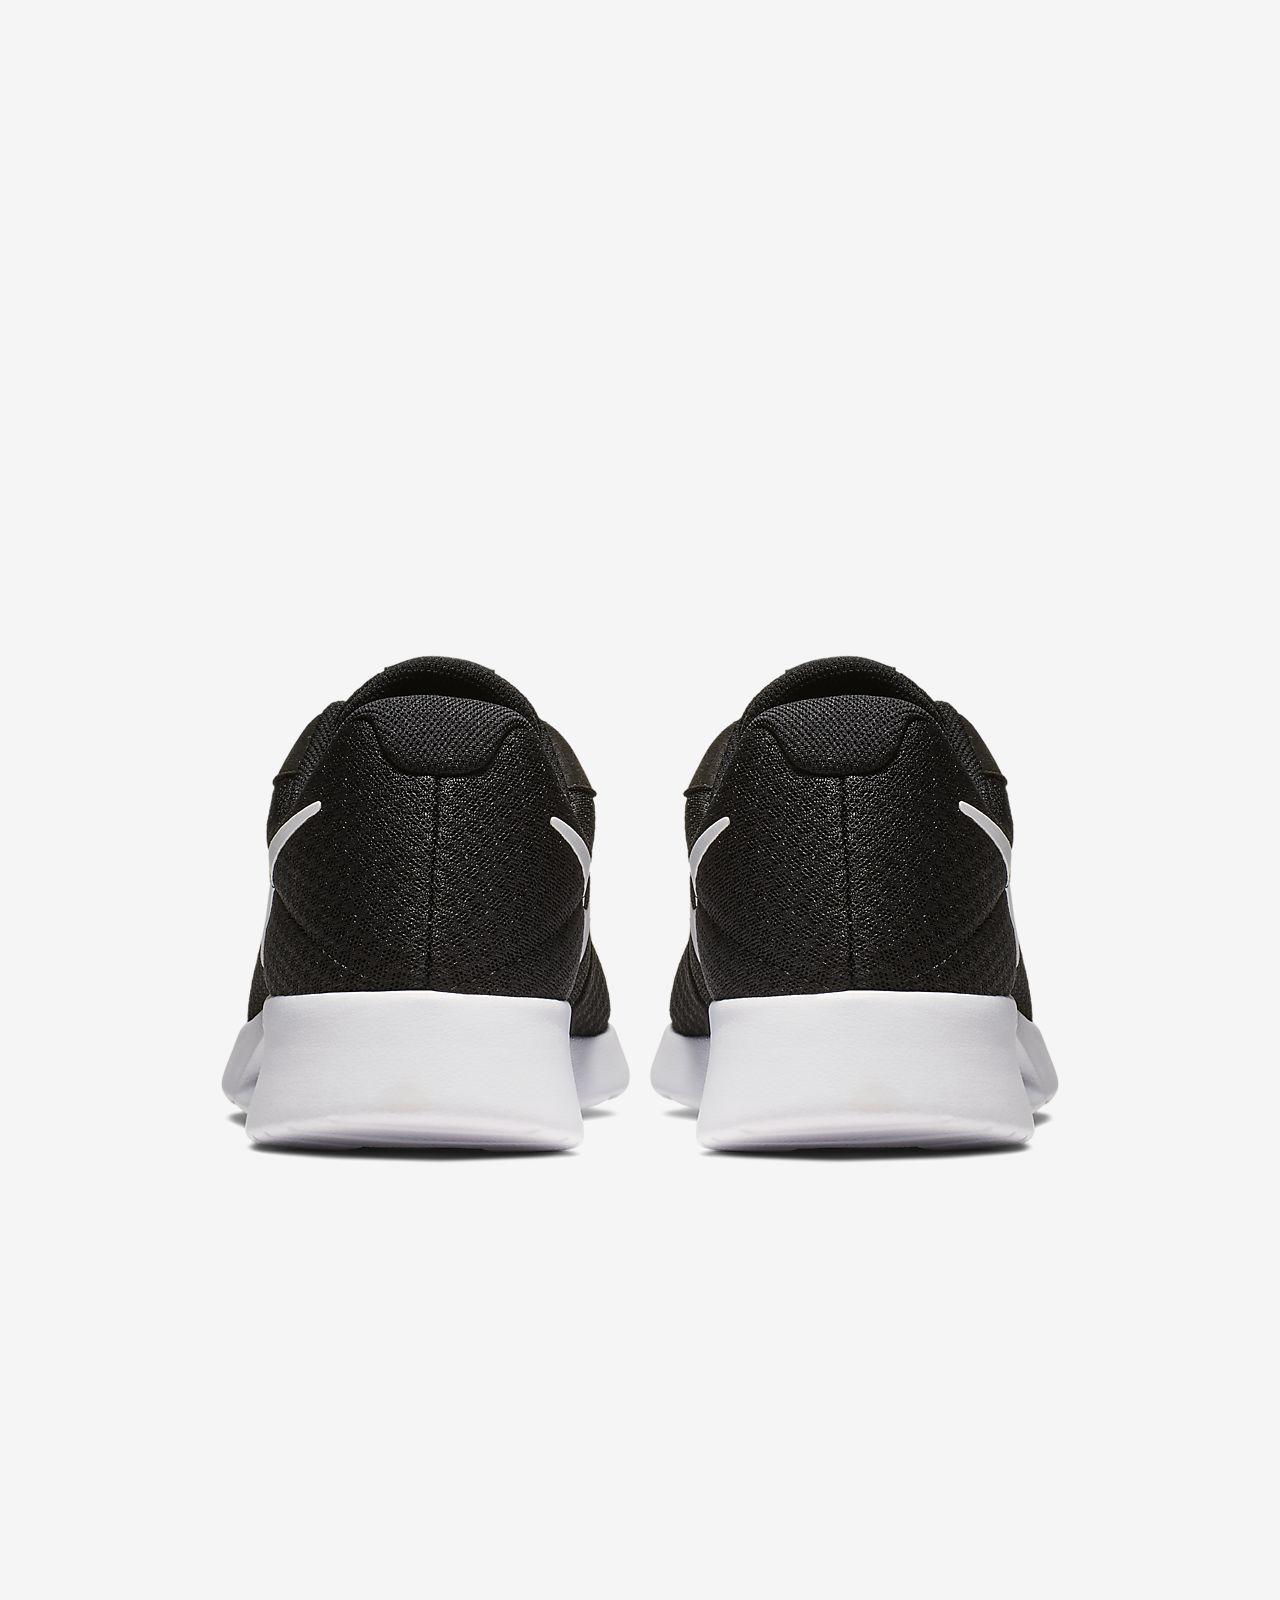 Nike WMNS NIKE TANJUN 812655 004